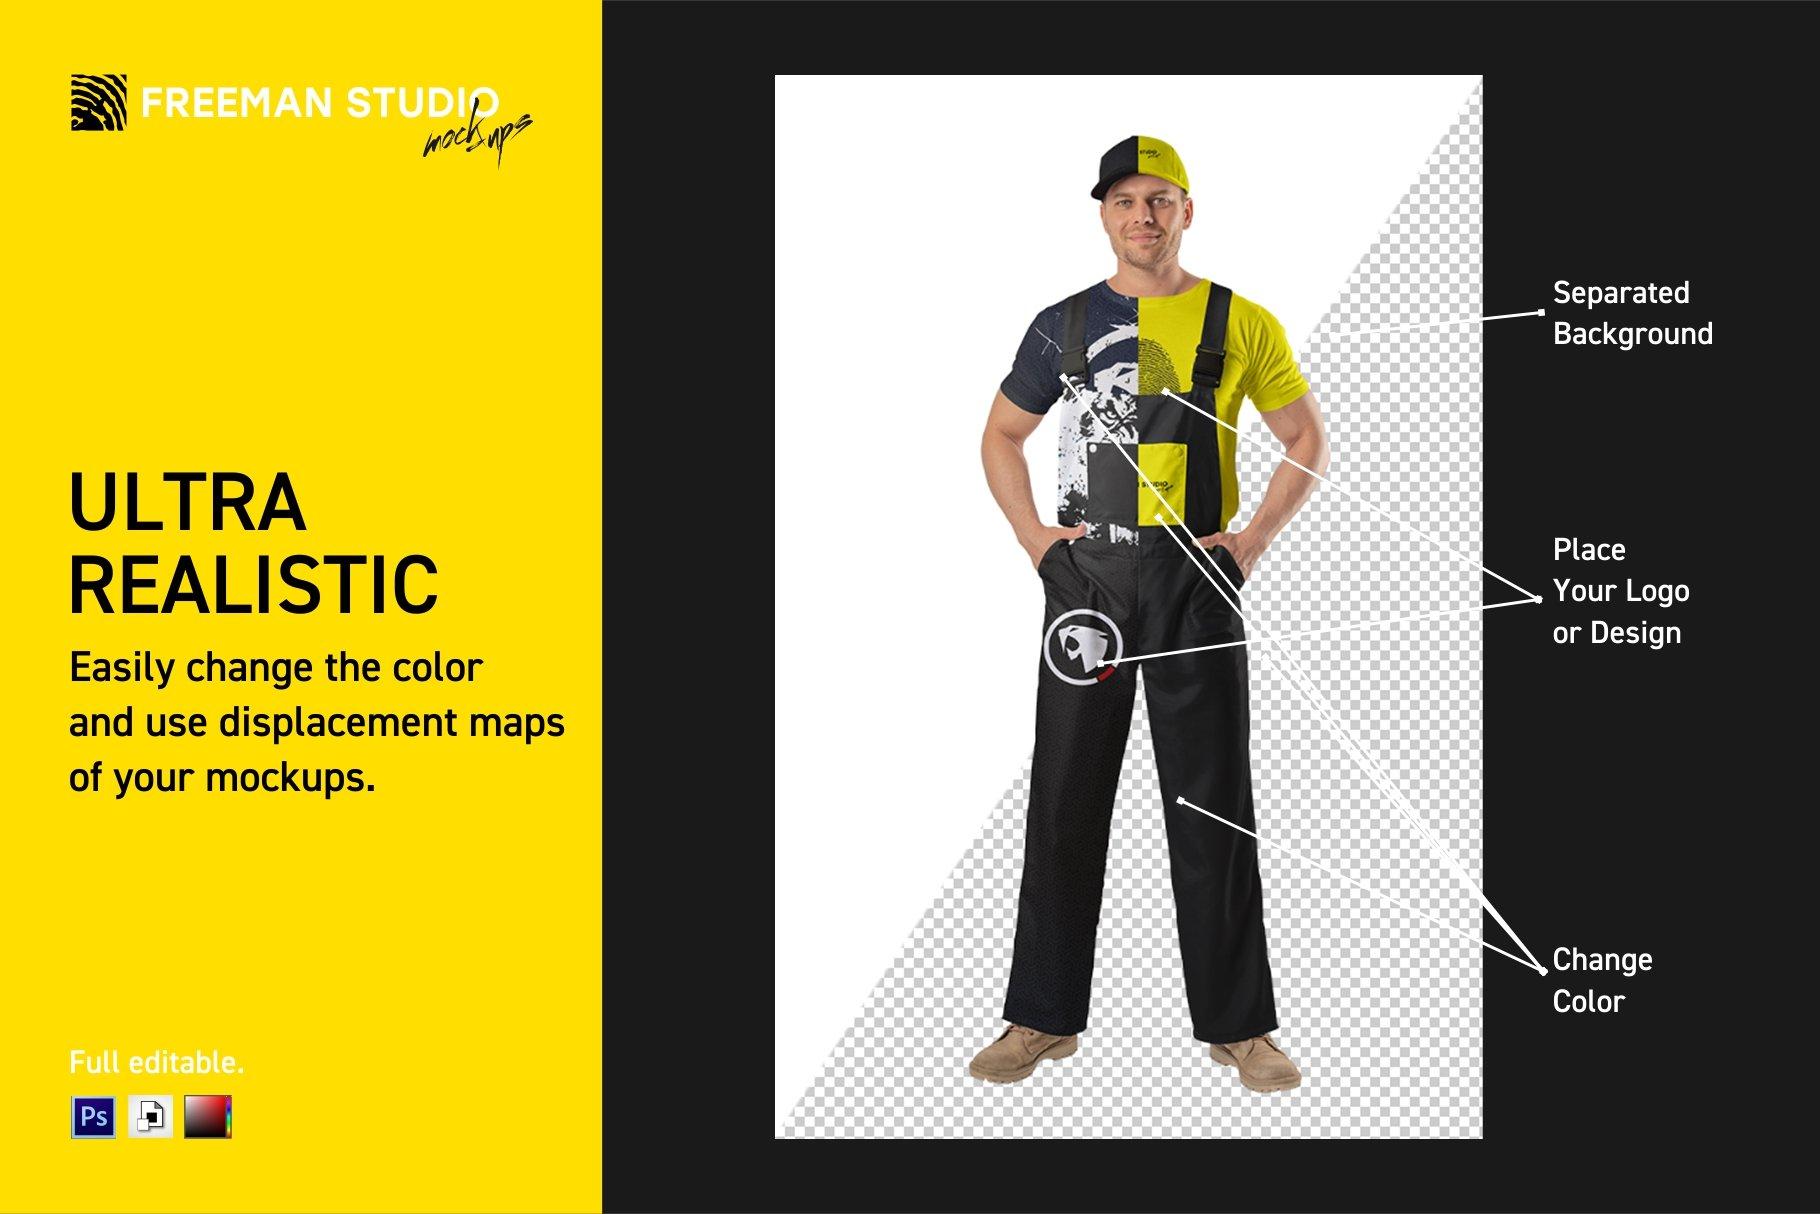 45个超大工装帽子安全帽品牌Logo设计智能贴图样机PSD模版素材 Working Overalls Suit Mock-Up Set插图1